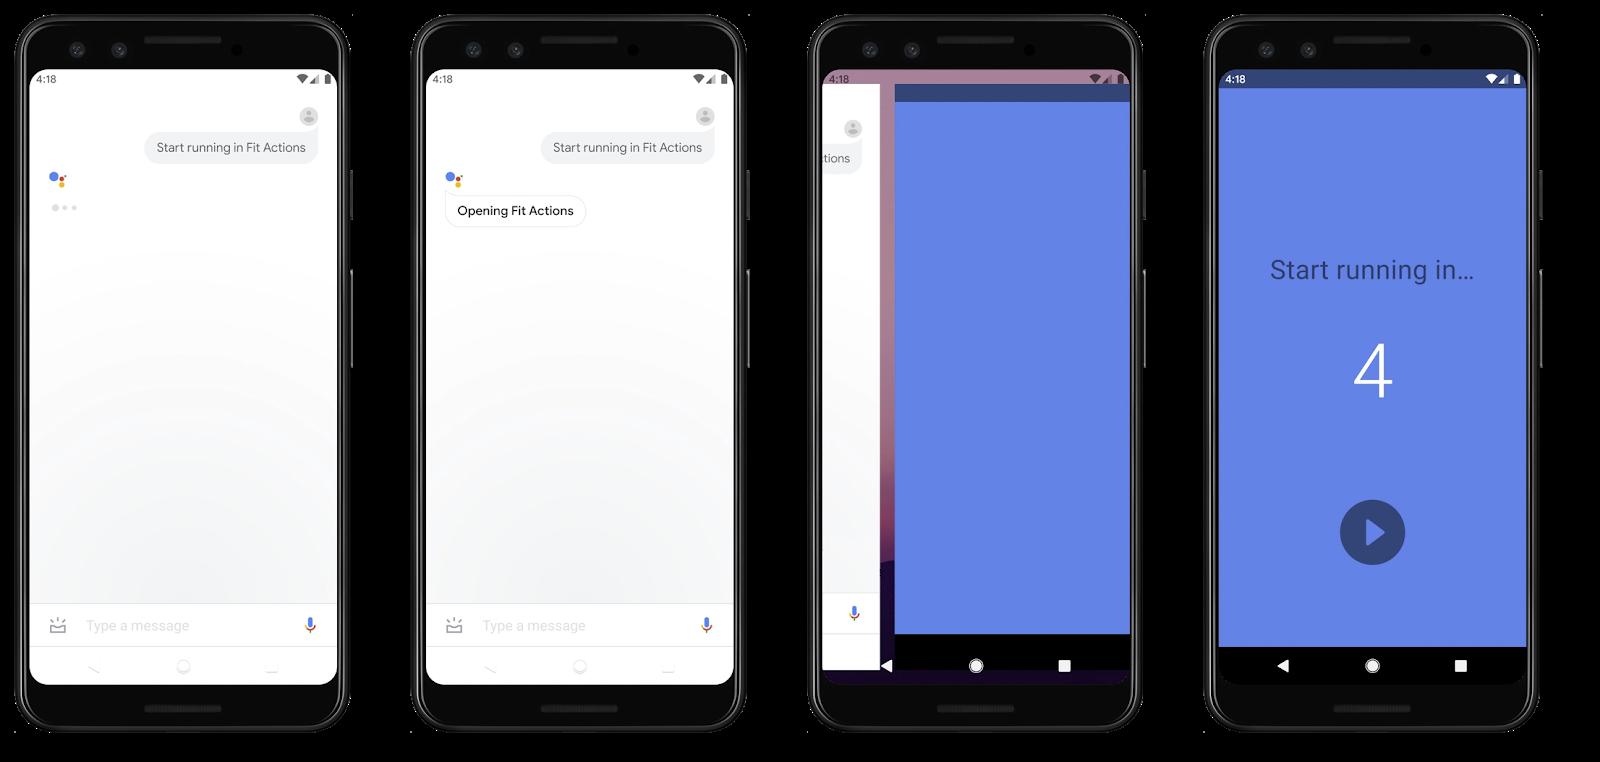 Quatro telas progressivas em que o Google Assistente inicia o acompanhamento de uma corrida em um app.